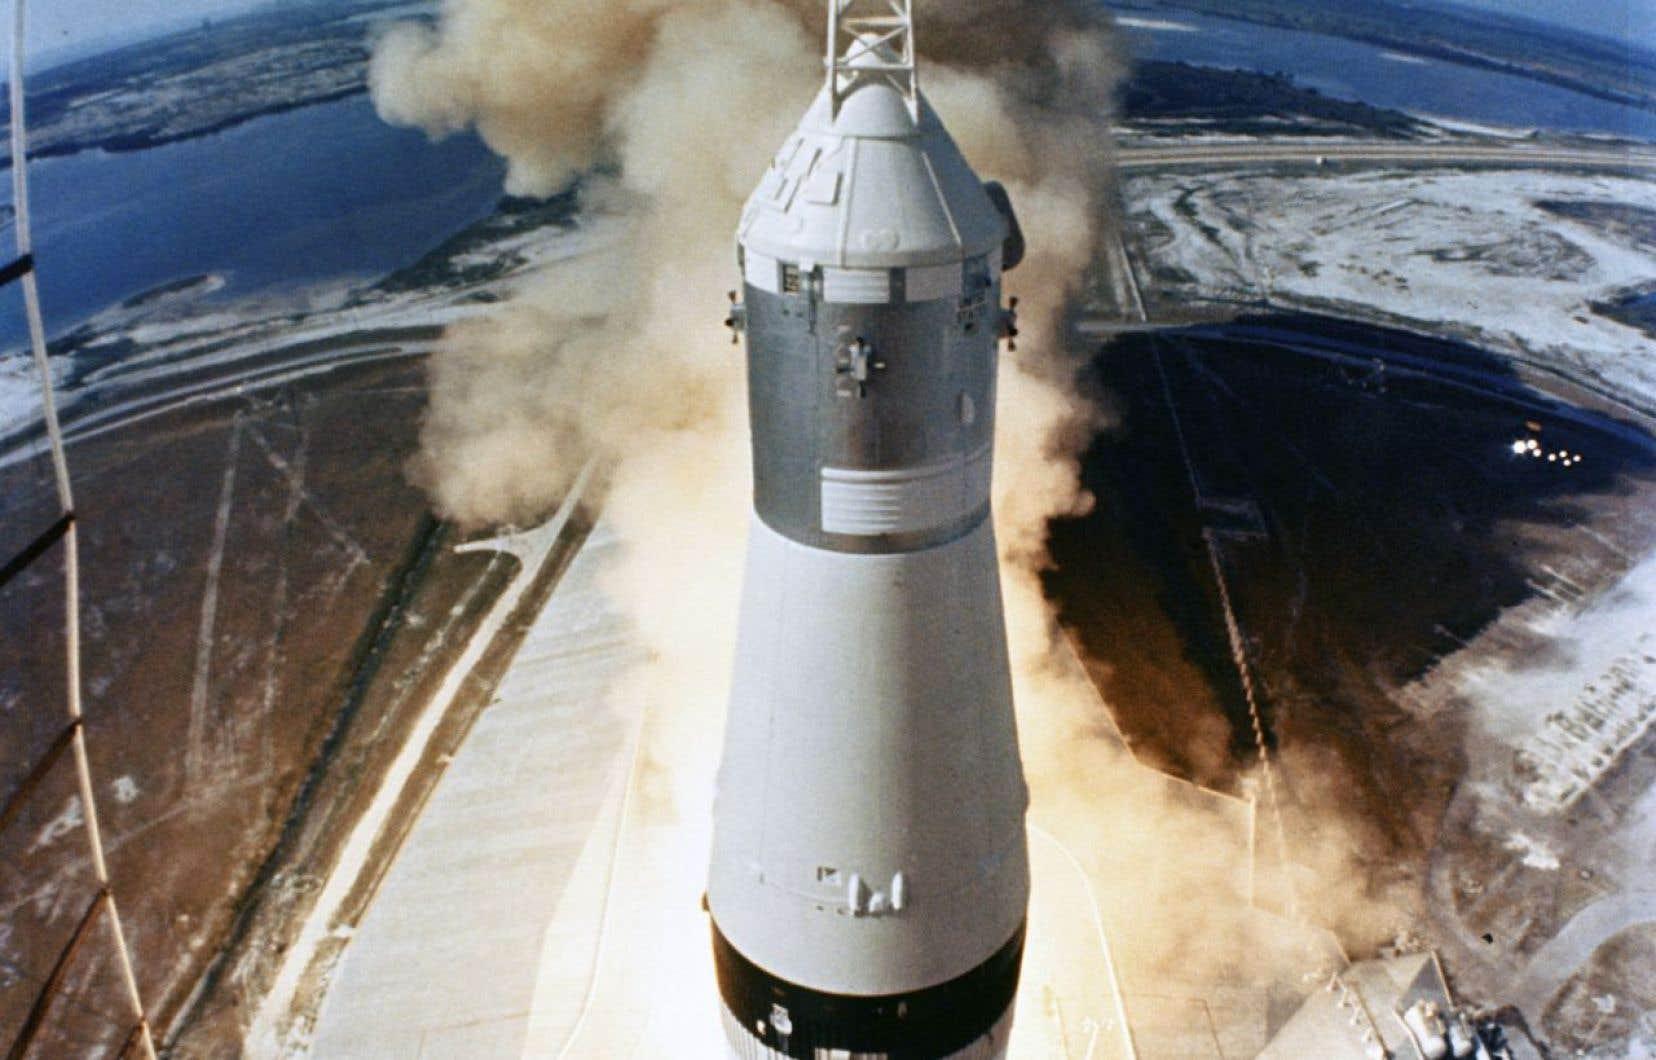 Des centaines de millions de téléspectateurs à travers le monde ont suivi la mission en direct, sans compter des dizaines de milliers de témoins rassemblés sur les plages de la Floride pour assister au décollage de l'immense fusée «Saturn V» qui allait emmener les astronautes vers la Lune.